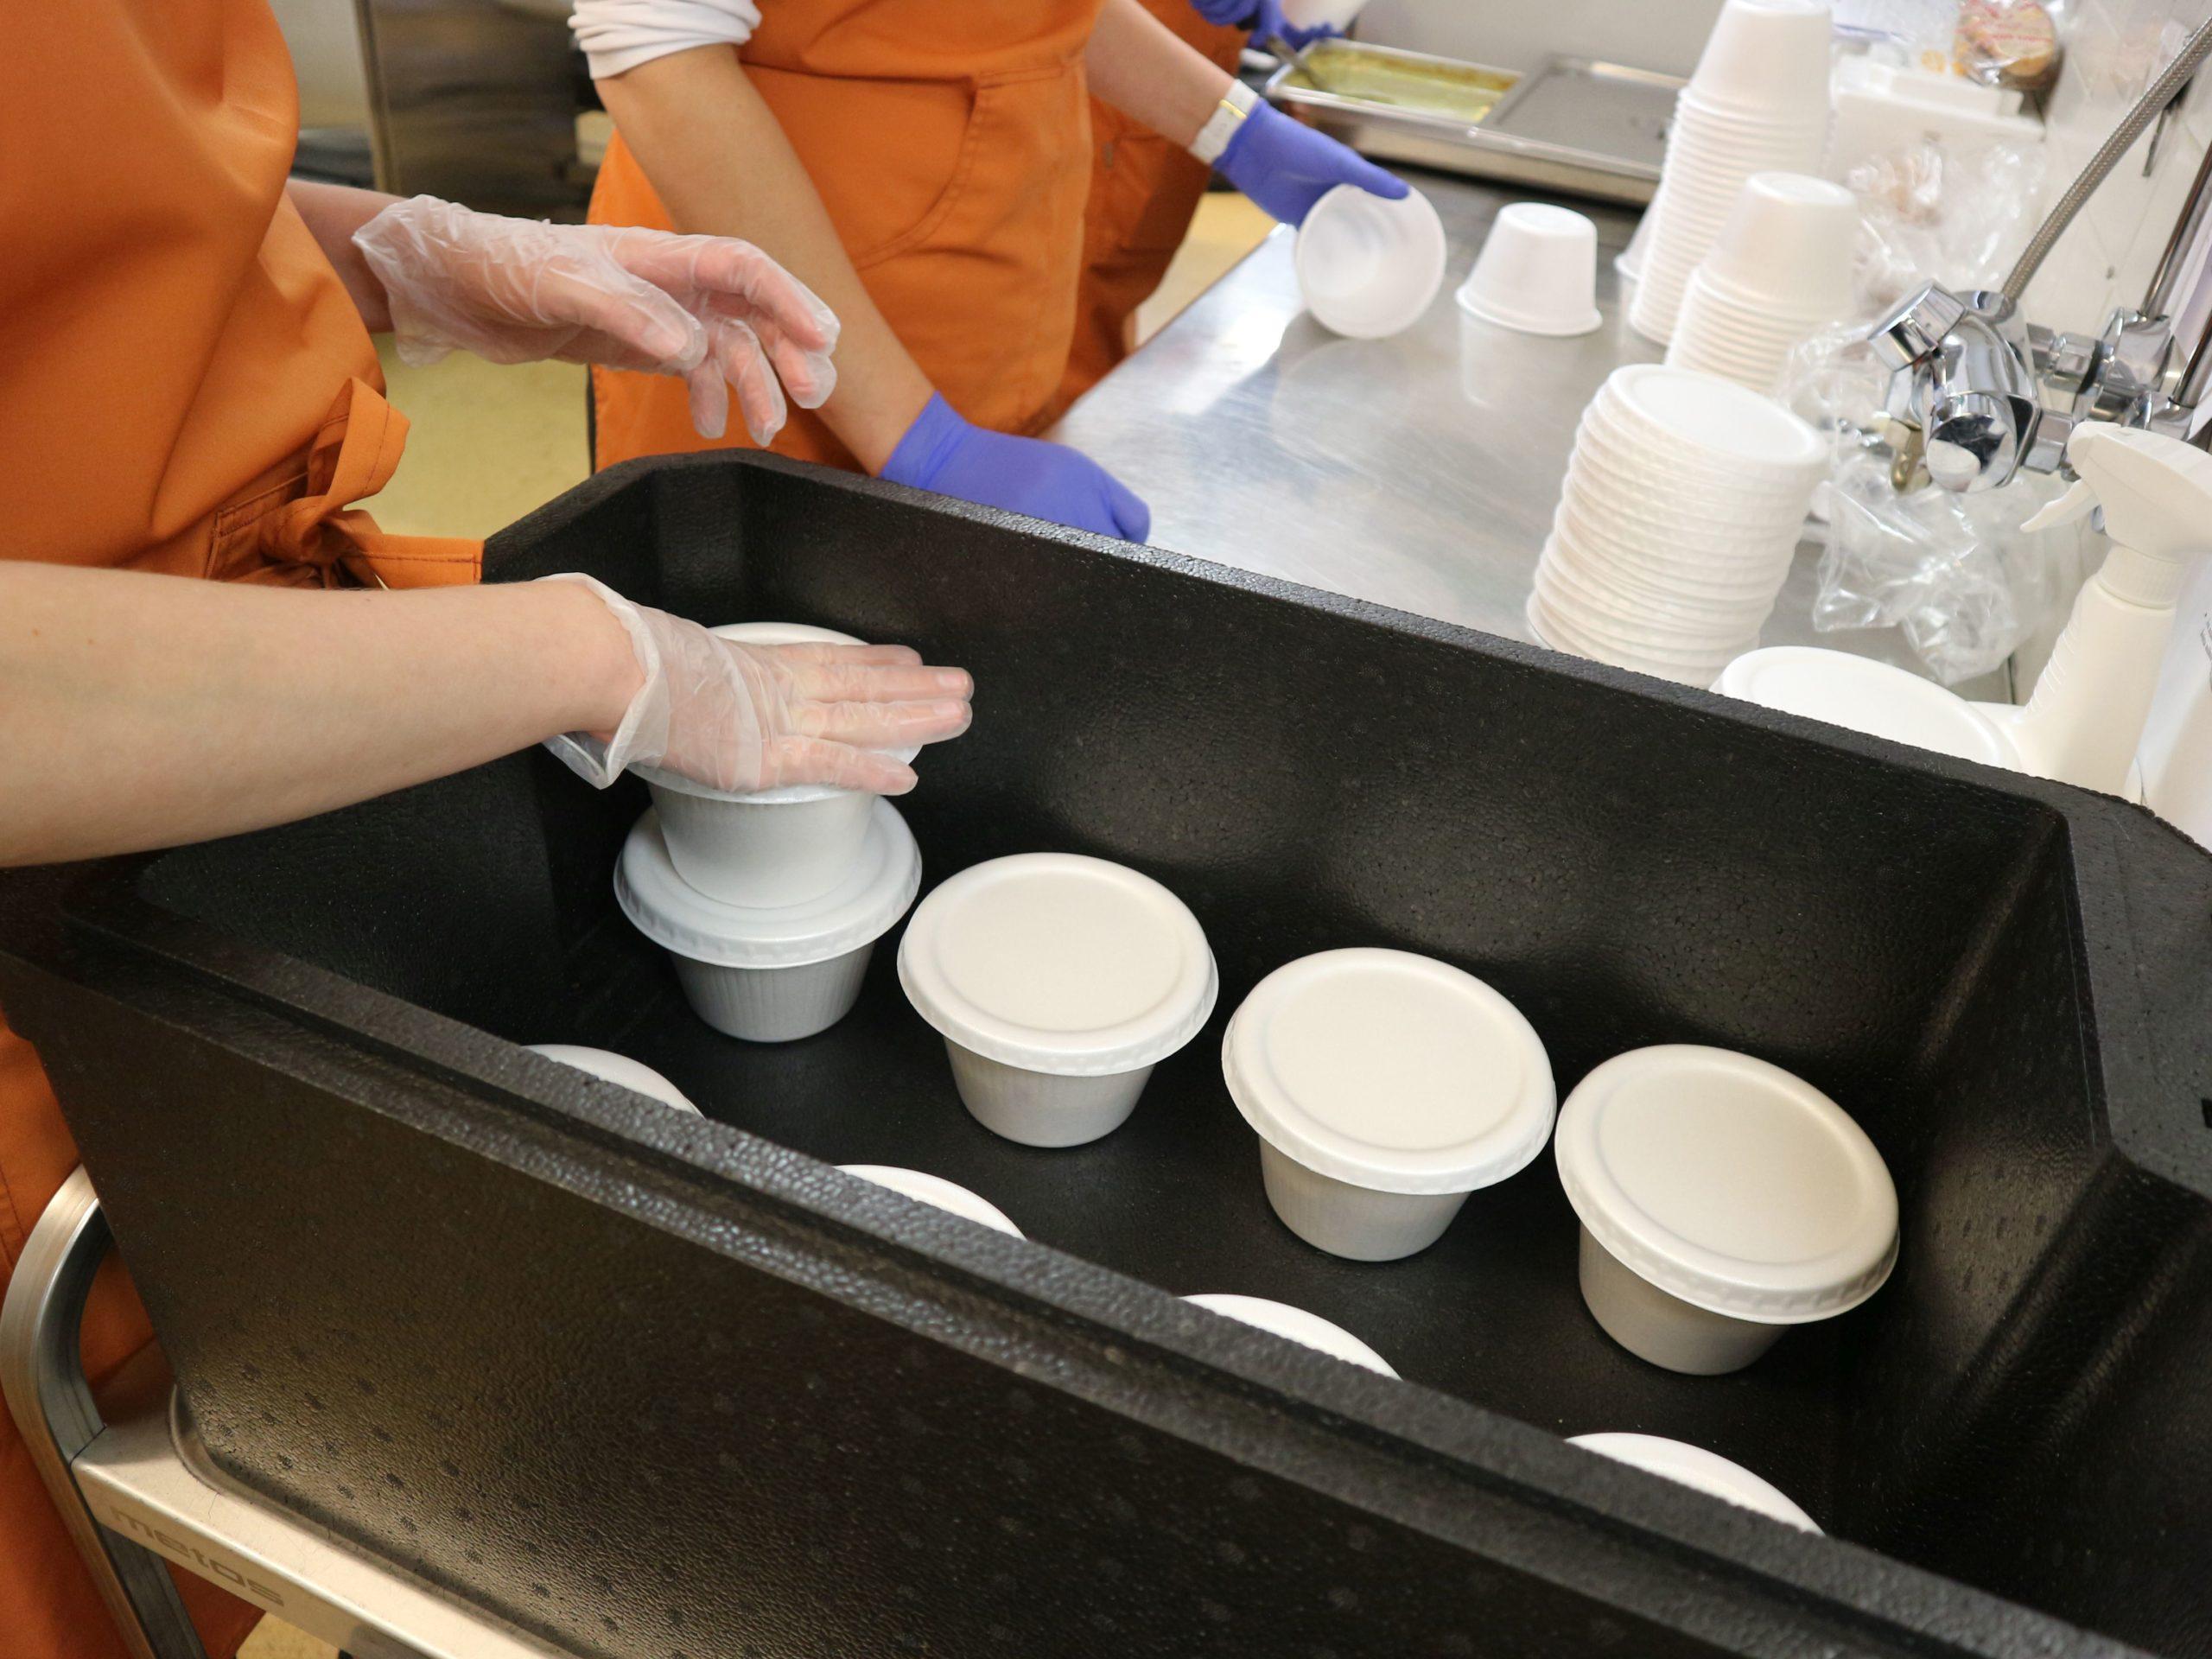 Lämpölaatikkoon pakataan valkoisia ruokarasioita. Kuvassa näkyy myös kaksi käsiparia muovihanskat käsissään.